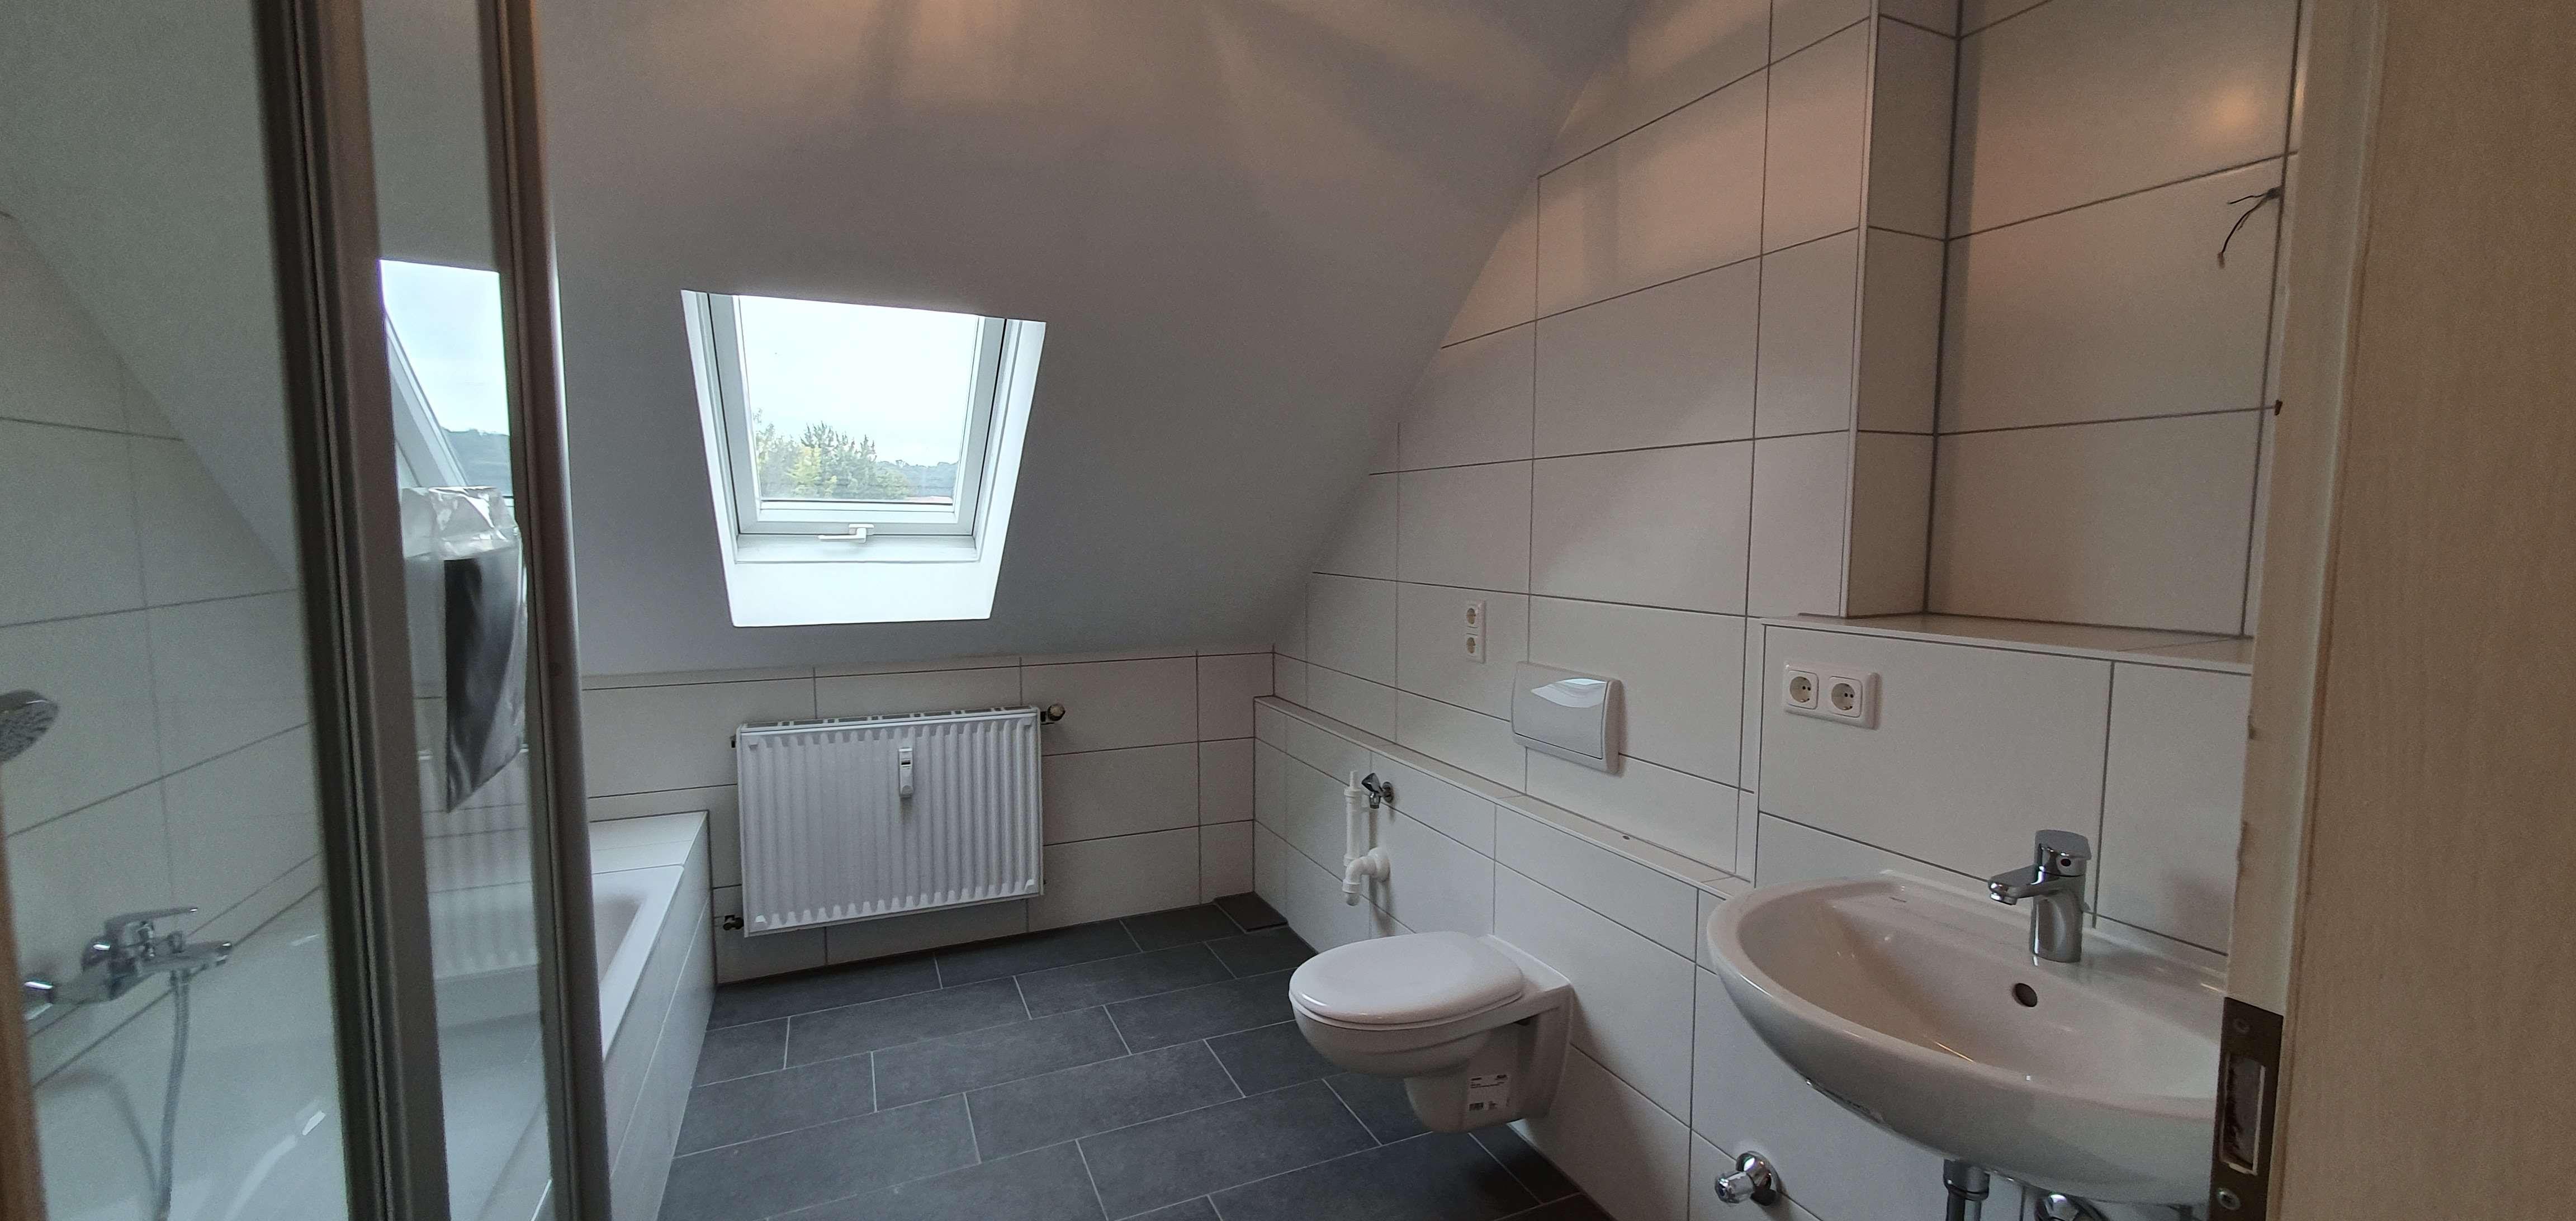 Großzügige, neuwertige, helle 3 Zimmer-Wohnung mit Ankleidezimmer in TOP Lage in Nikola